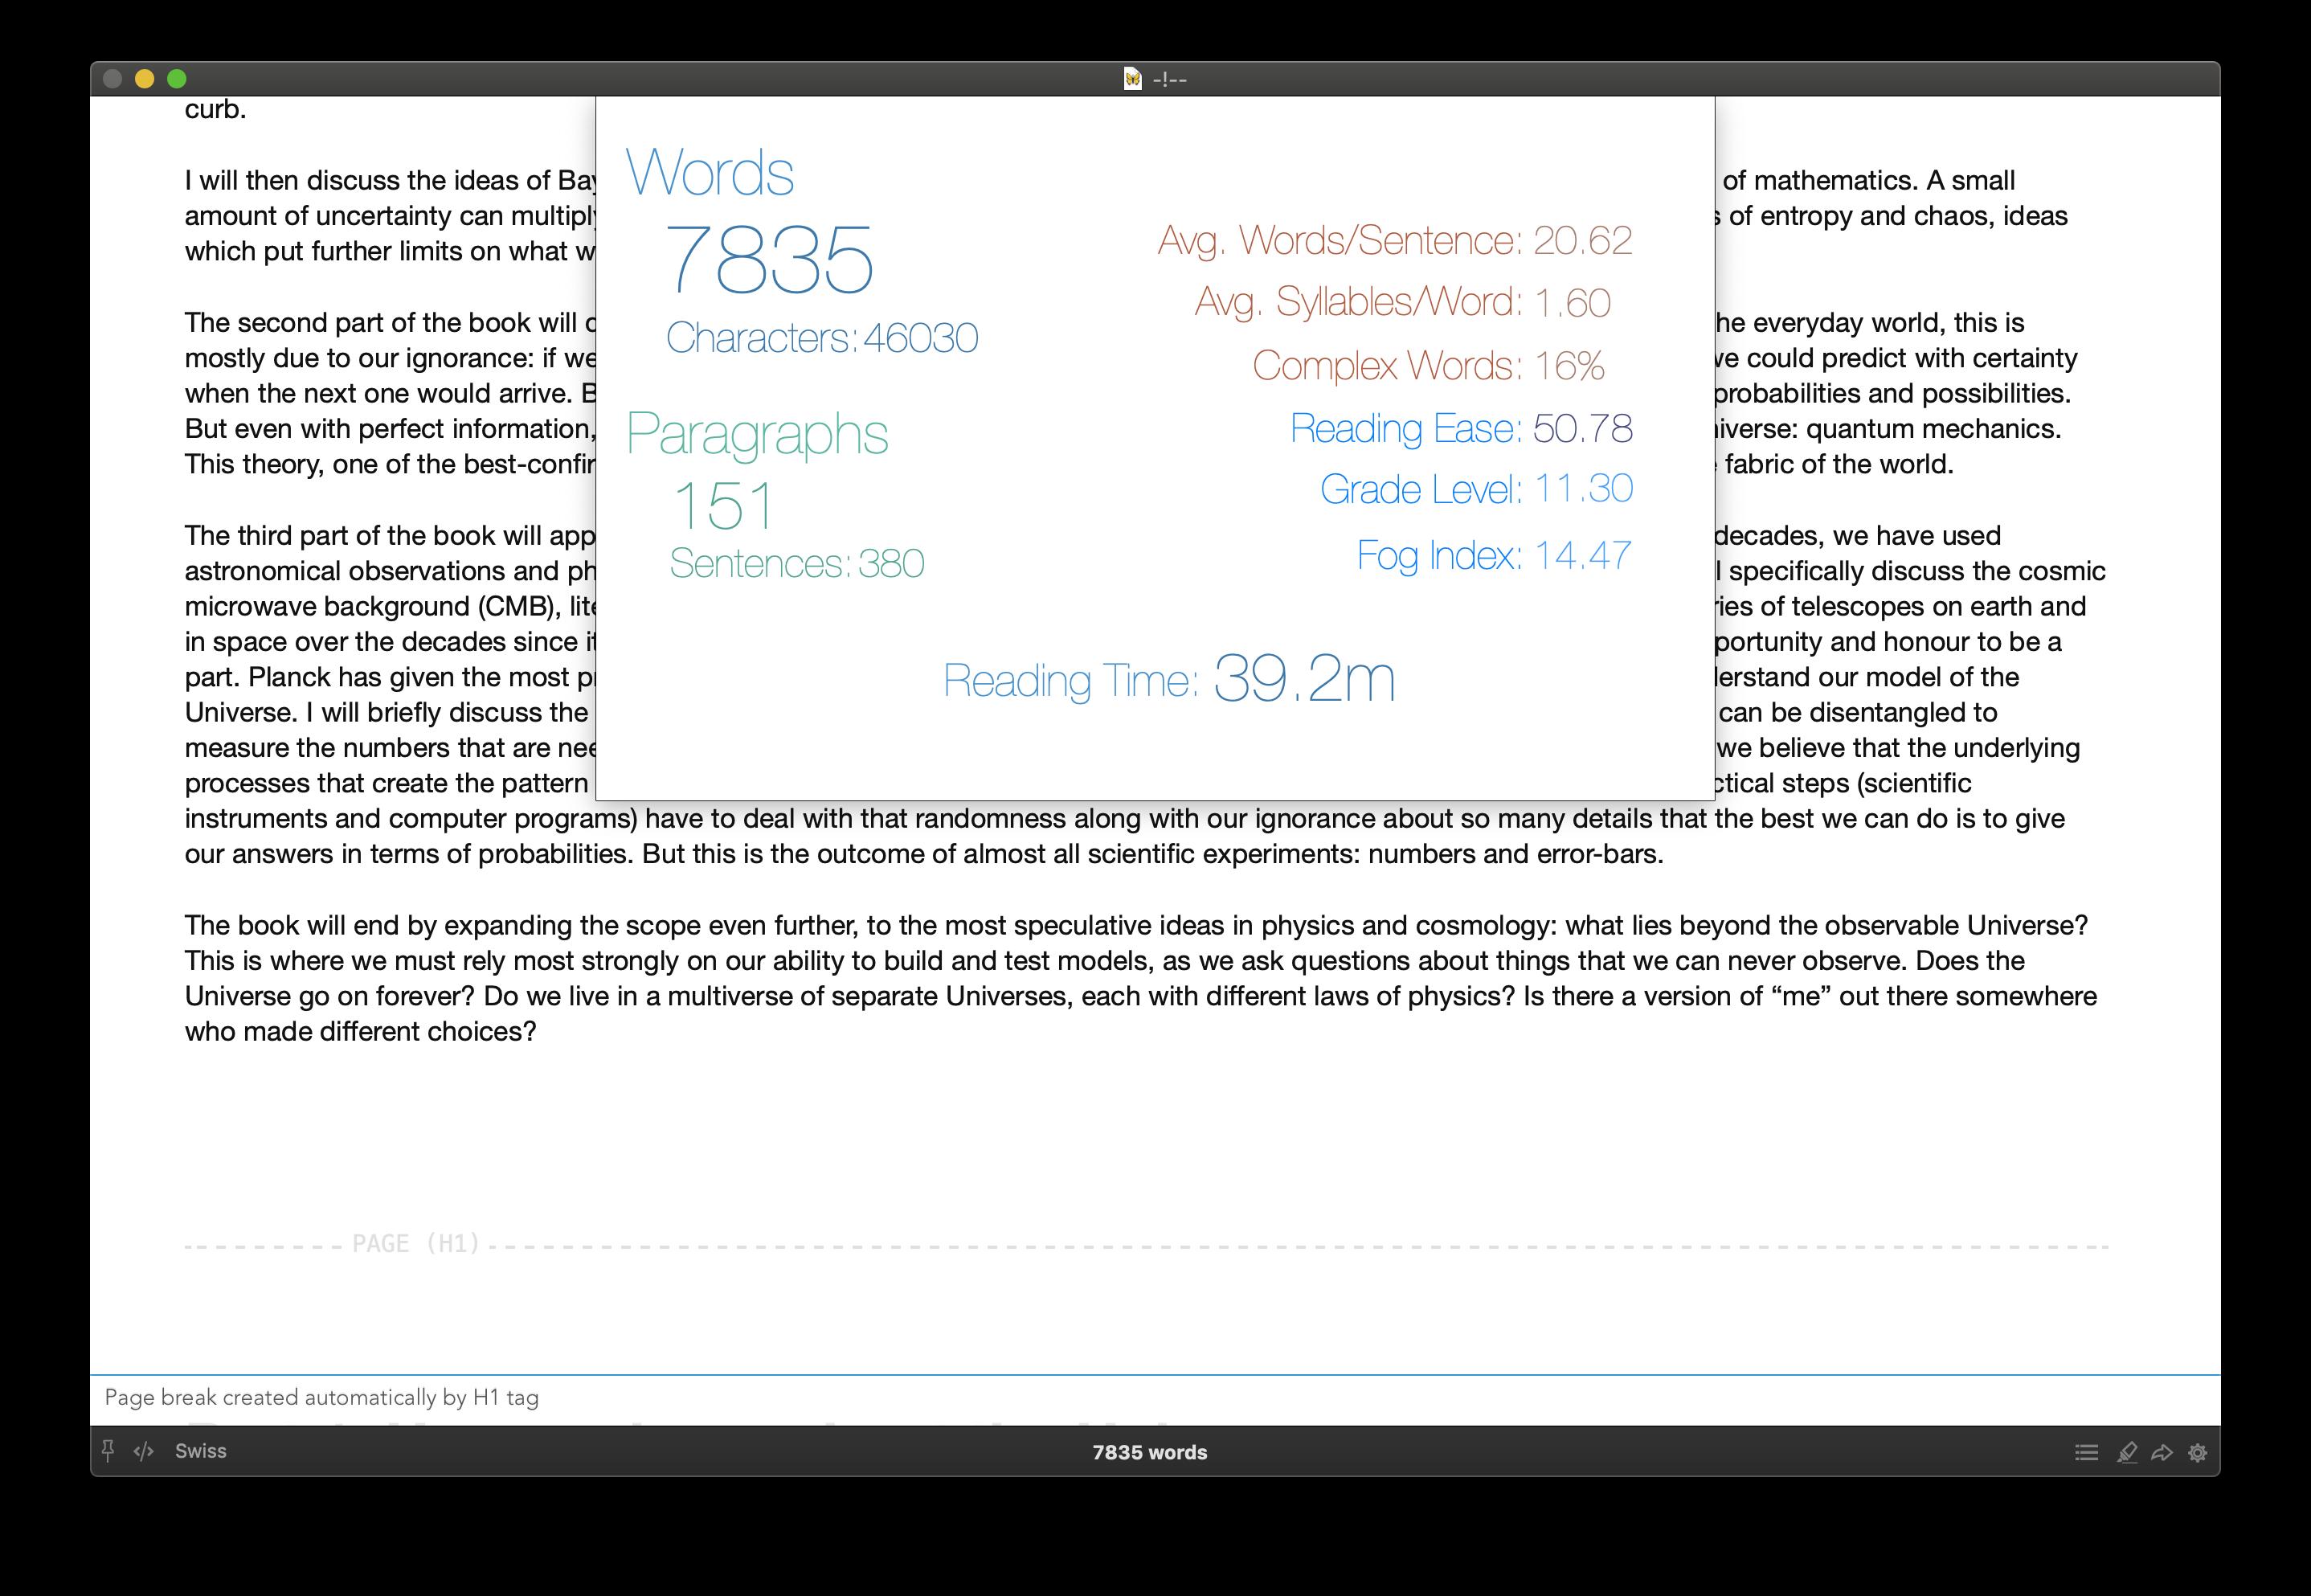 Screenshot_2019-02-12_at_15.44.33